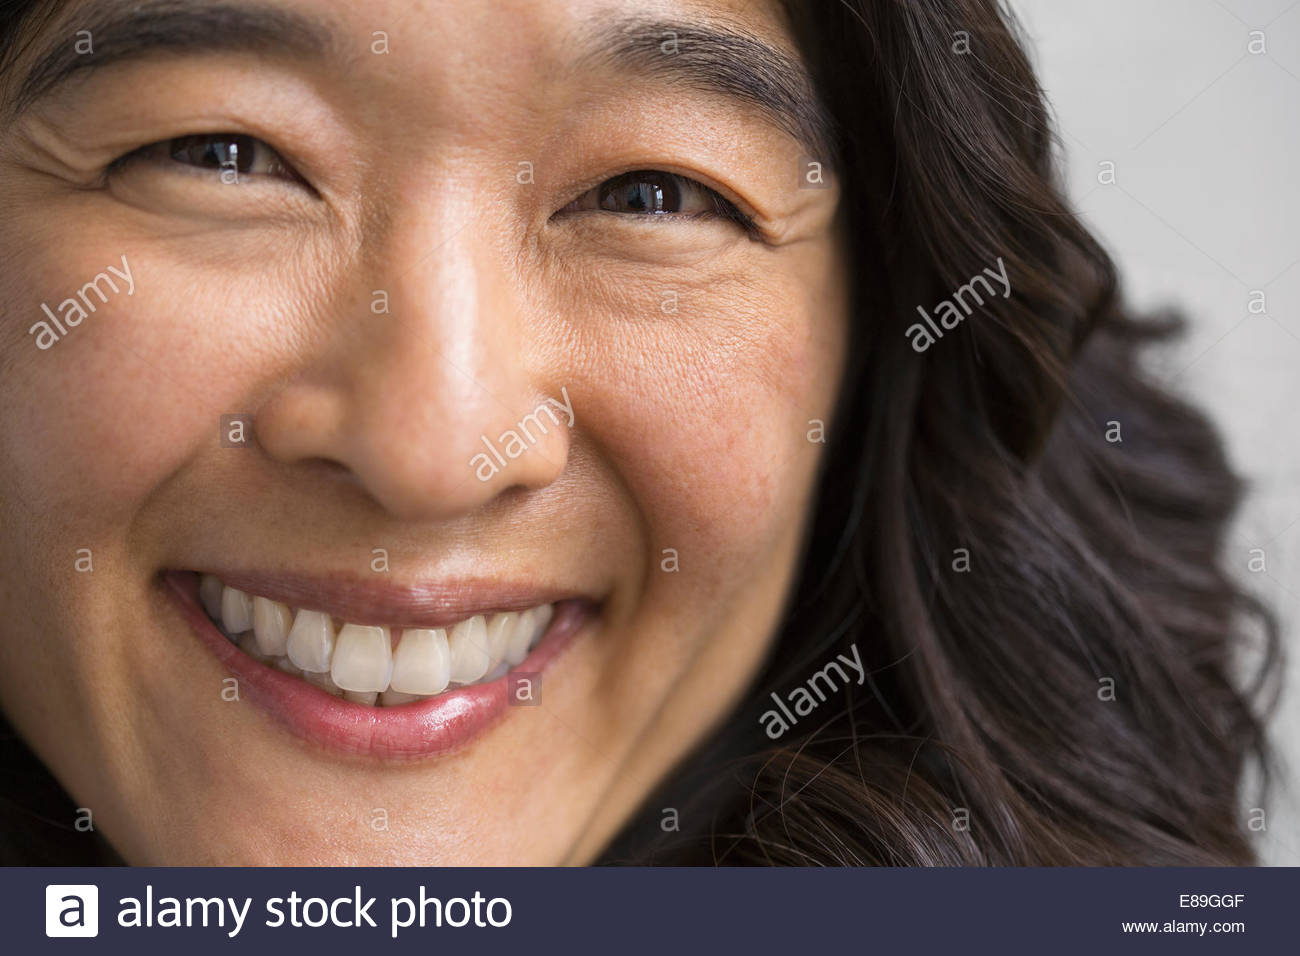 Close Up retrato de mujer sonriente Imagen De Stock